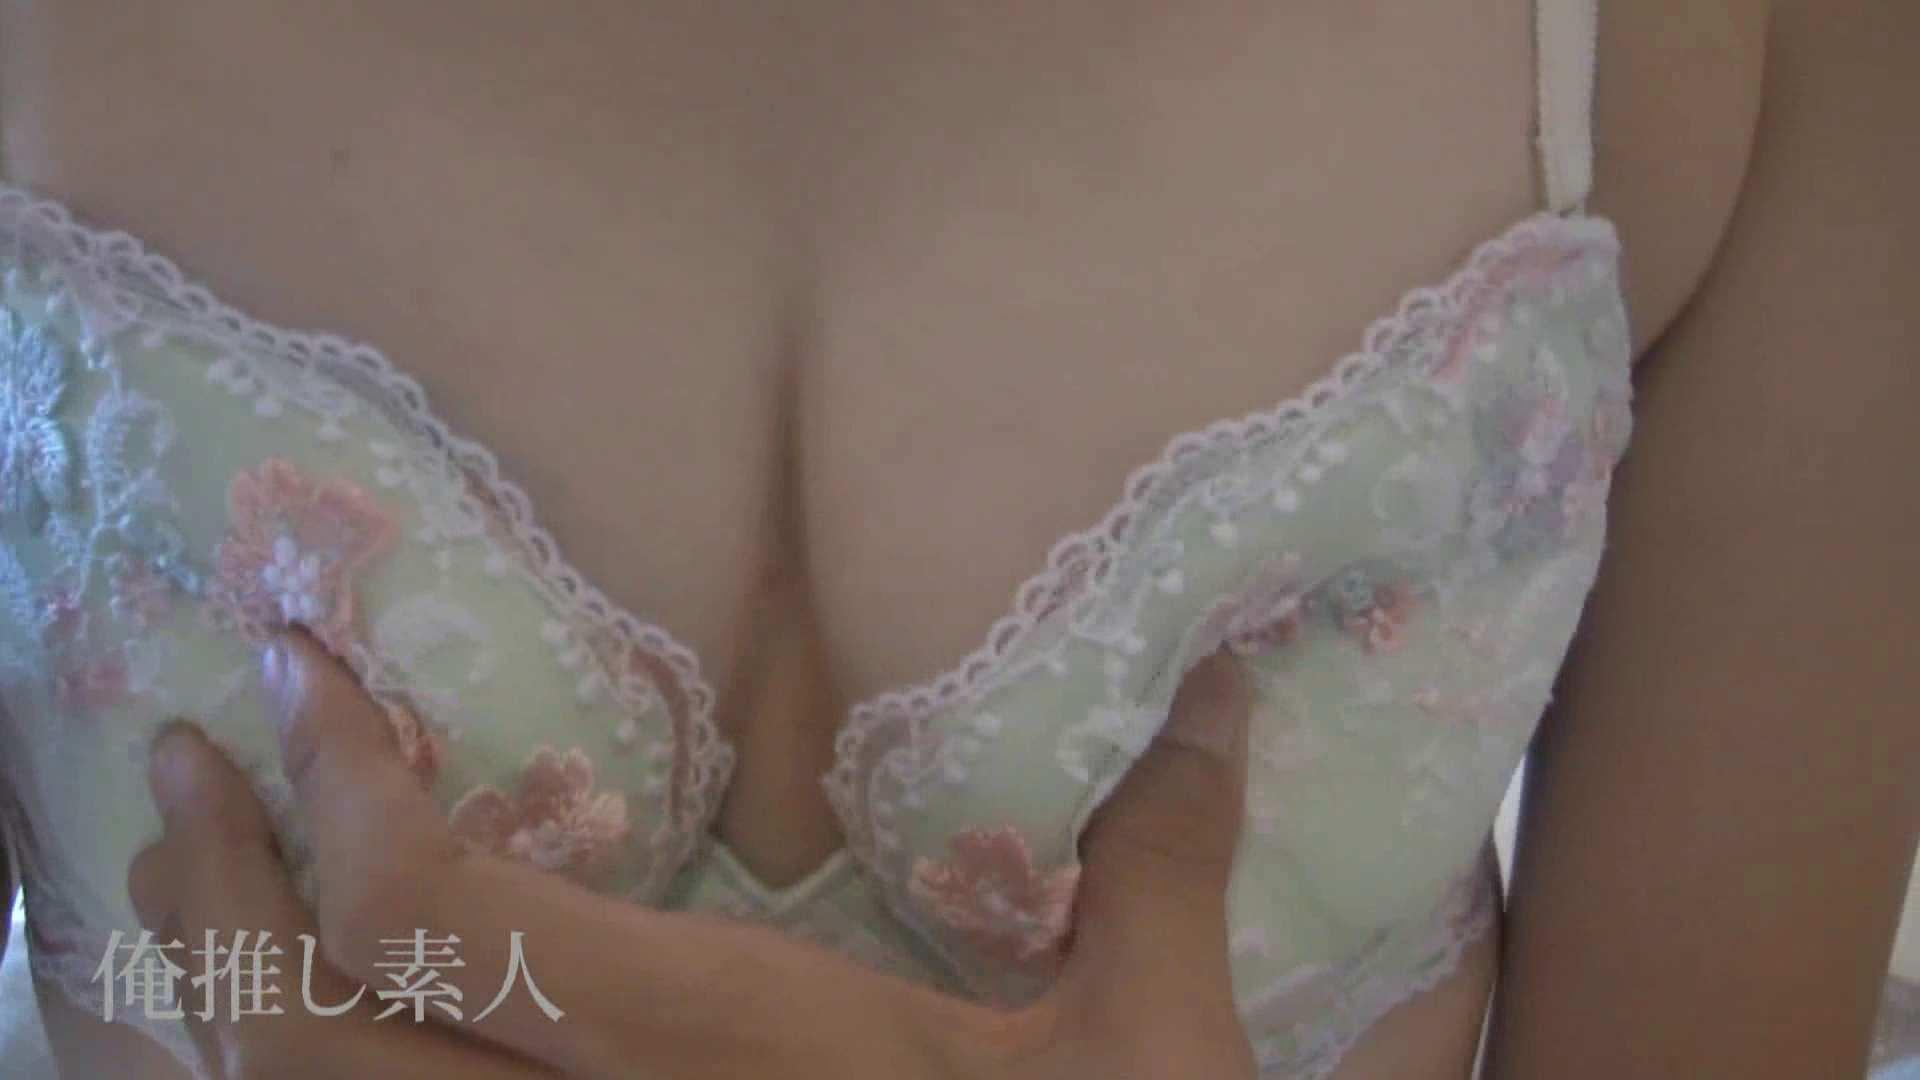 俺推し素人 キャバクラ嬢26歳久美vol5 SEX映像 | 一般投稿  98pic 26